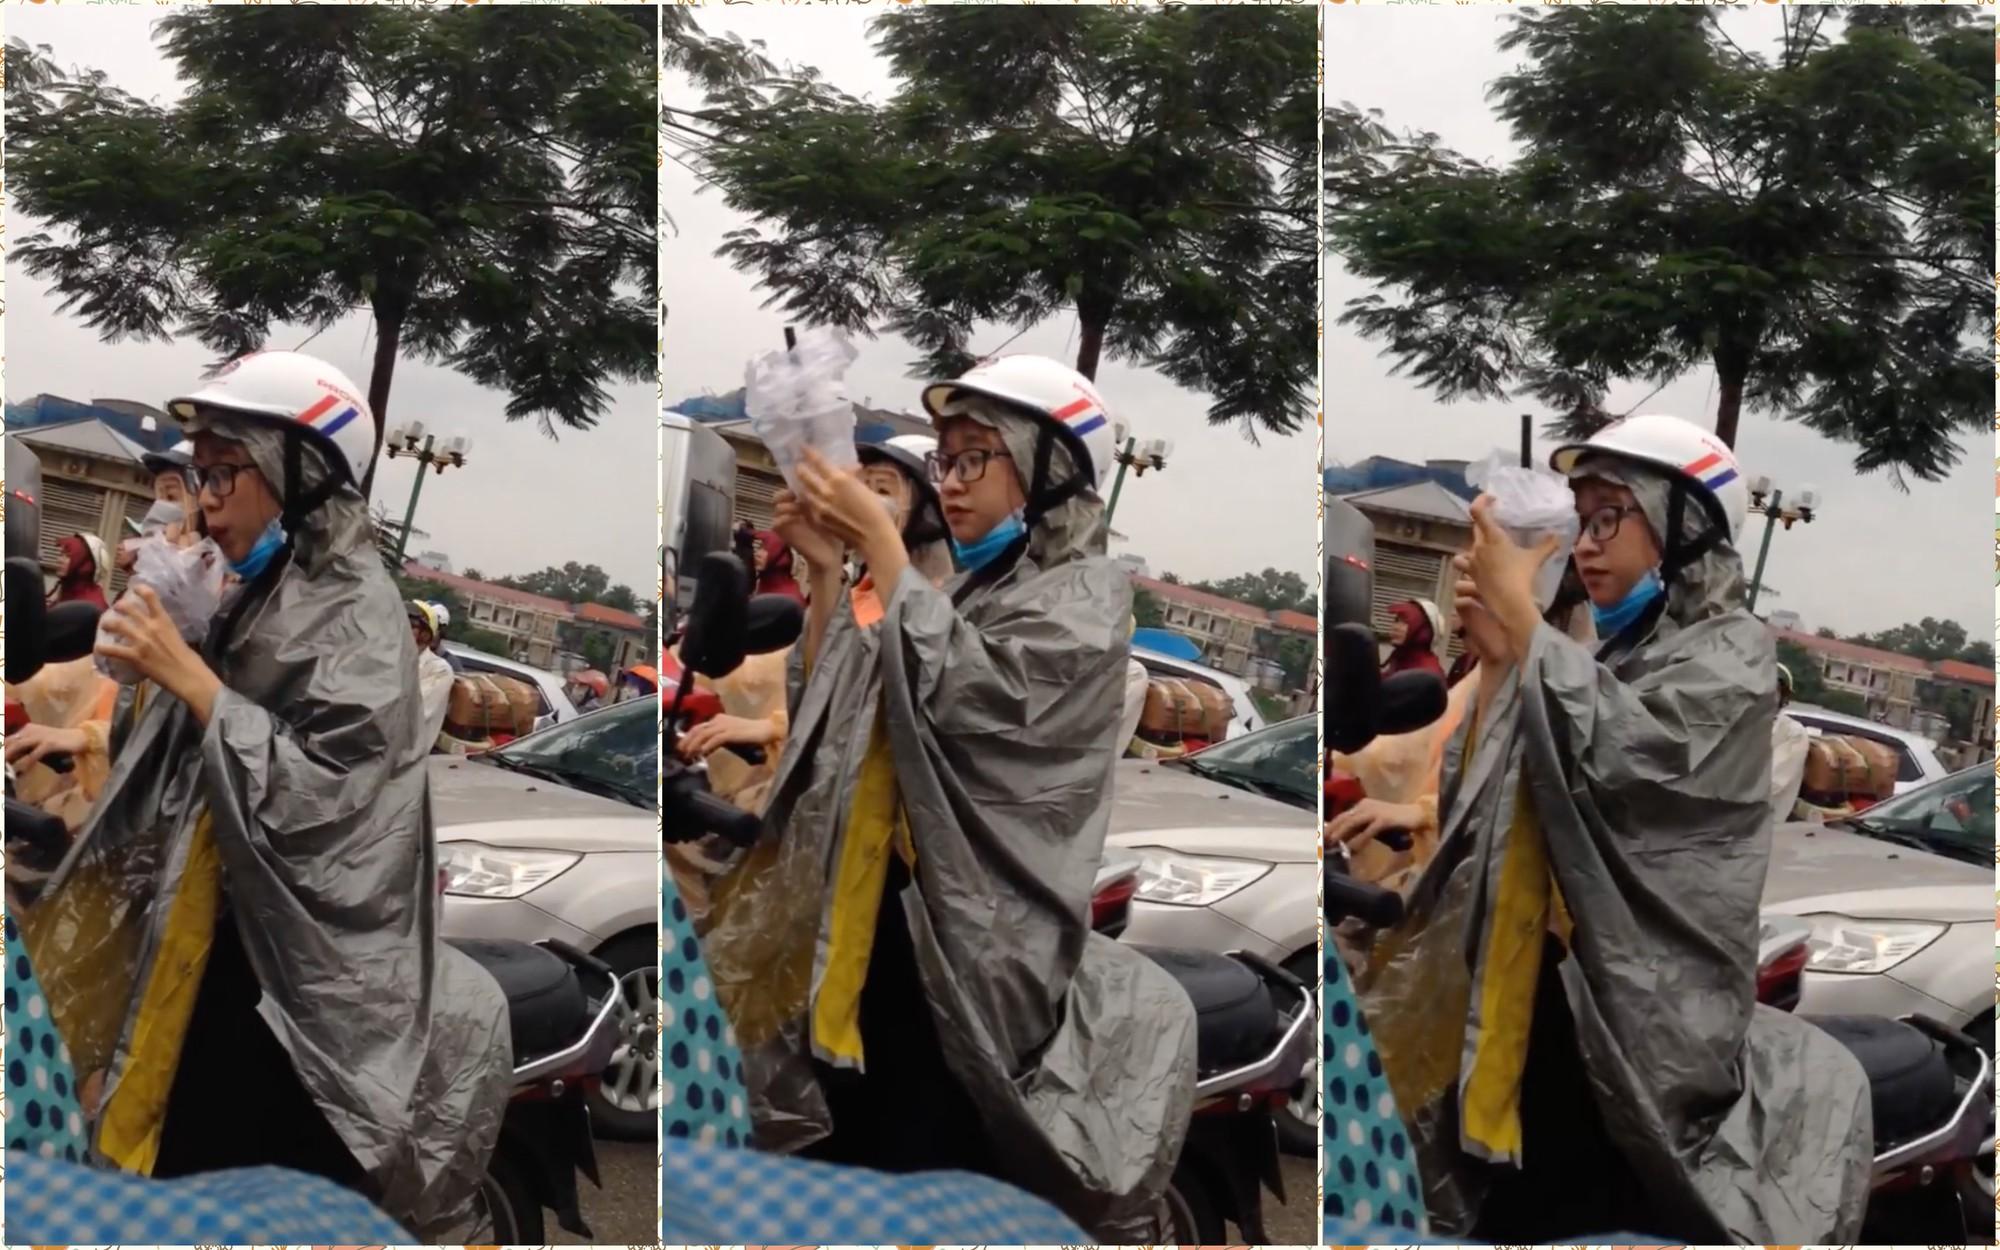 Clip Cô gái uống trà sữa ngon lành dưới cơn mưa và đường tắc làm sáng bừng lên một ngày ảm đạm - Ảnh 2.